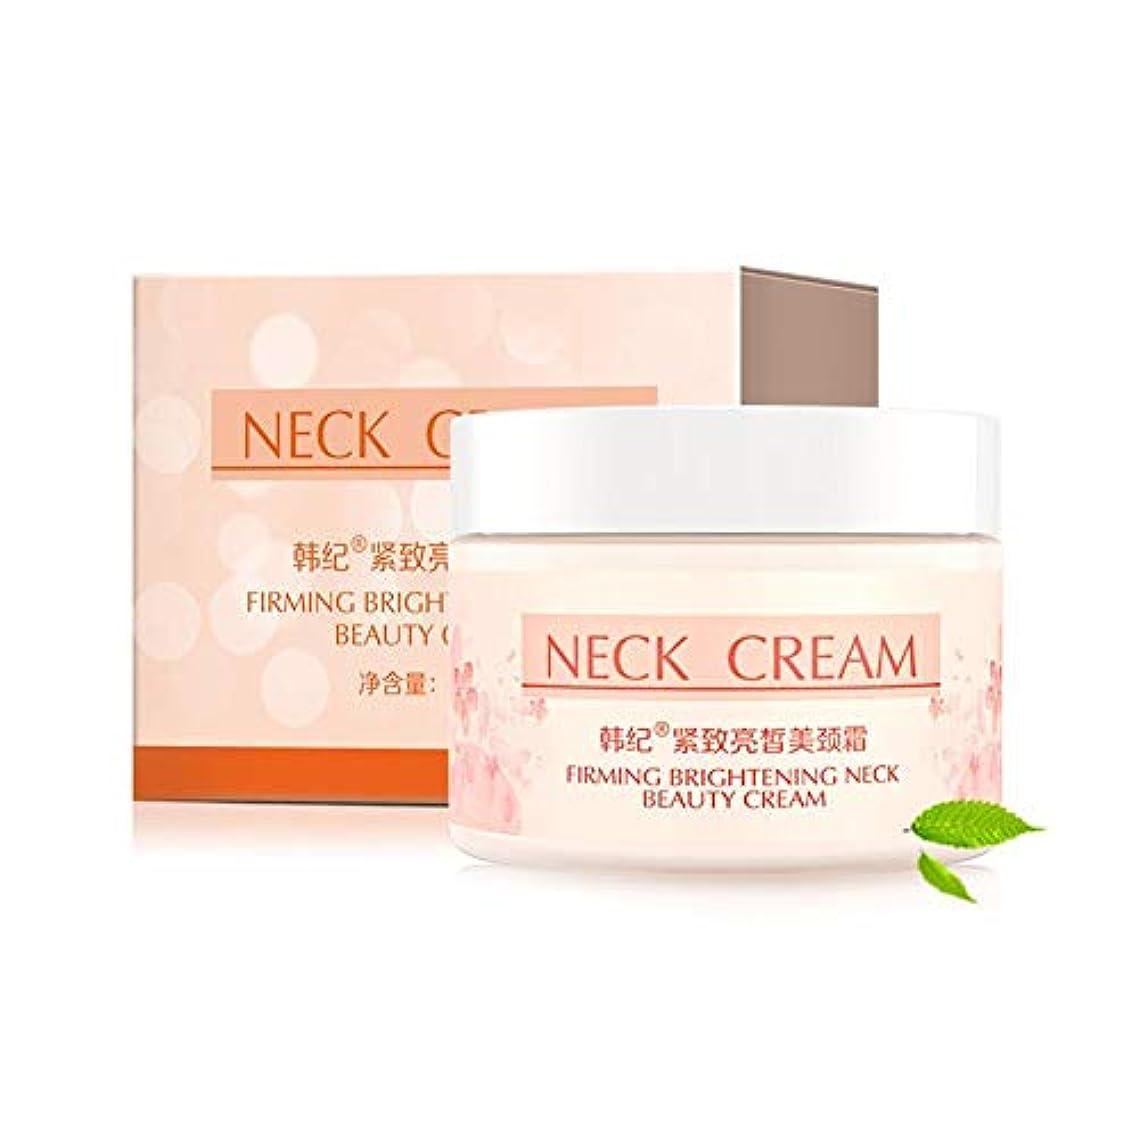 フォーマル付属品逆さまにBETTER YOU (ベター ュー) ネッククリーム、首のホワイトニング、肌の引き締め、ネックラインの減少、肌の栄養補給